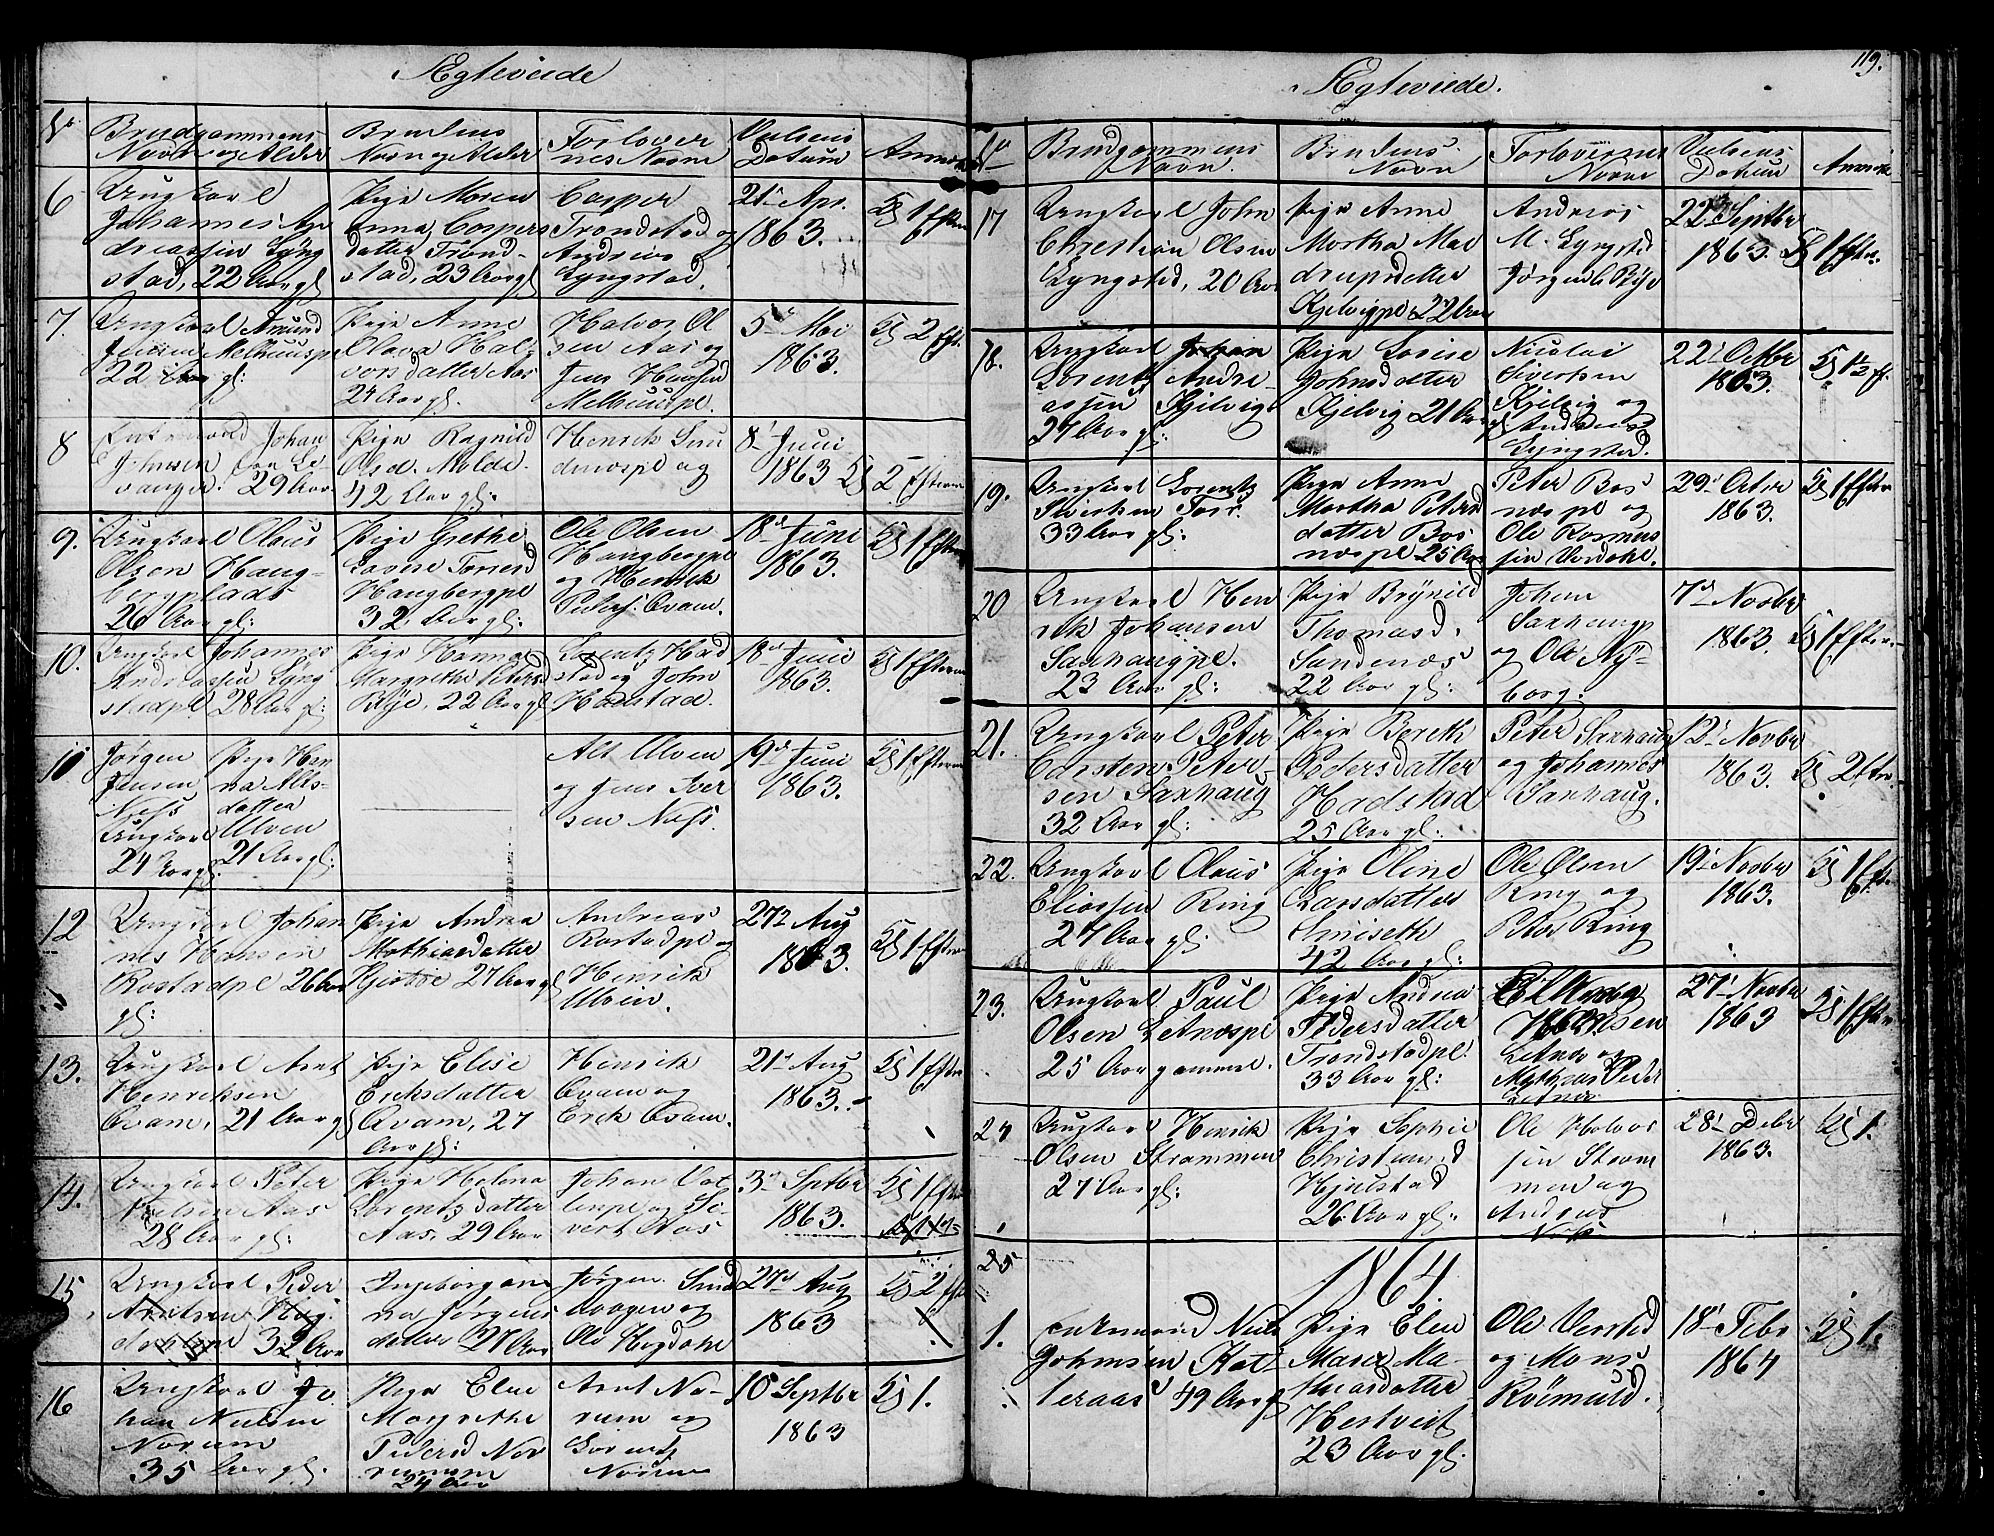 SAT, Ministerialprotokoller, klokkerbøker og fødselsregistre - Nord-Trøndelag, 730/L0299: Klokkerbok nr. 730C02, 1849-1871, s. 119